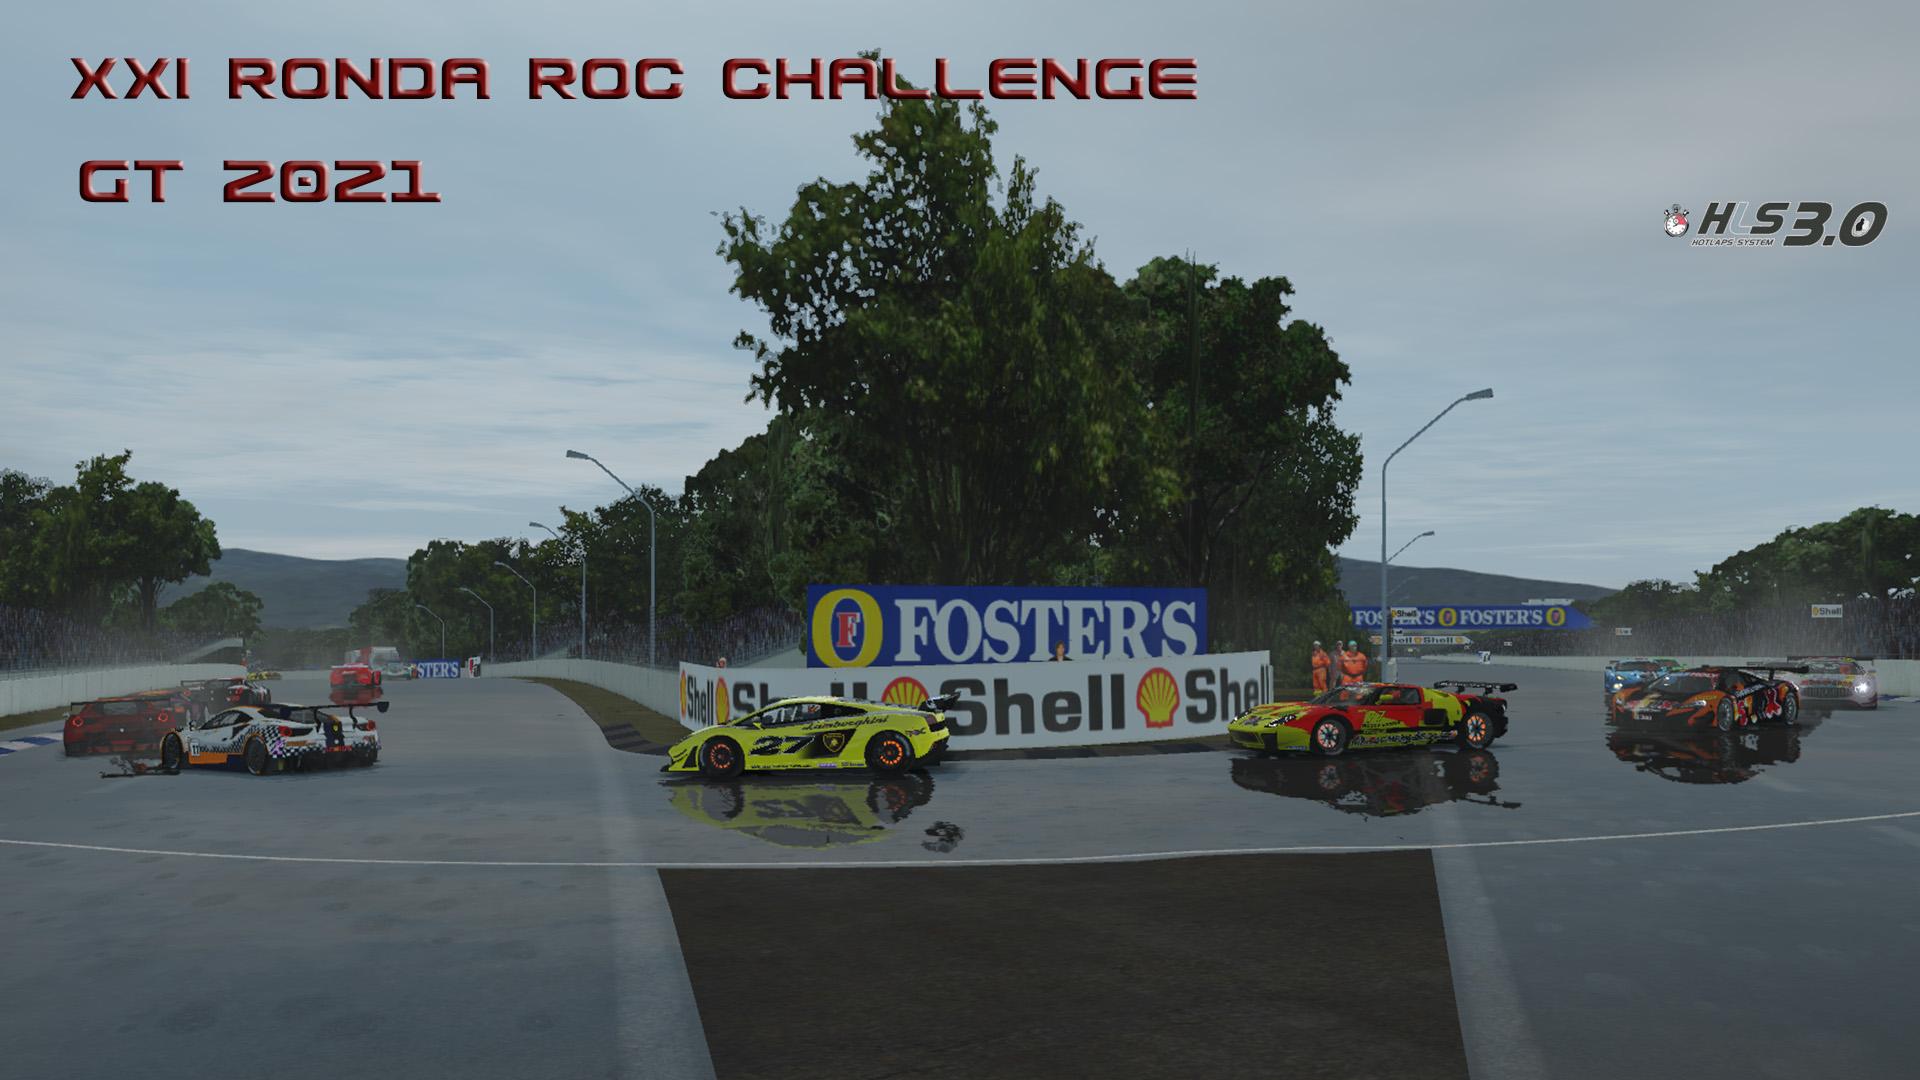 Texas (02/10) – XXI Ronda ROC GT21